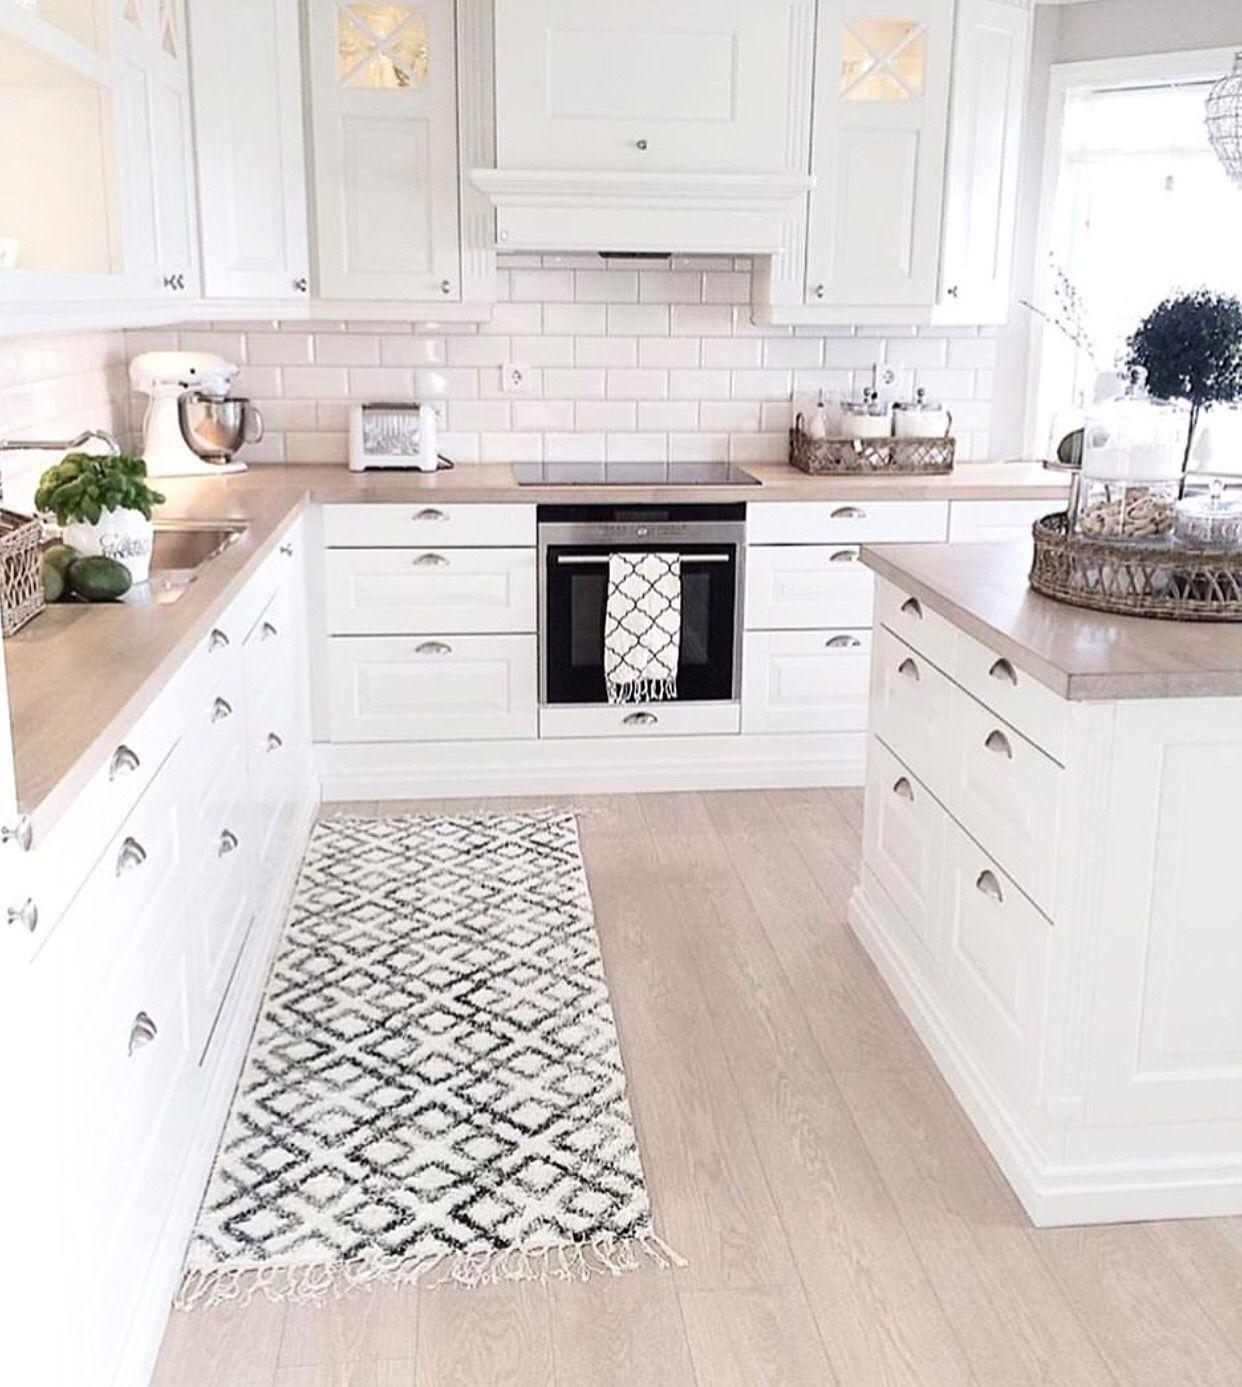 sehr sch ne k che mit beigebrauner granit arbeitsplatte nice kitchen with kitchen. Black Bedroom Furniture Sets. Home Design Ideas